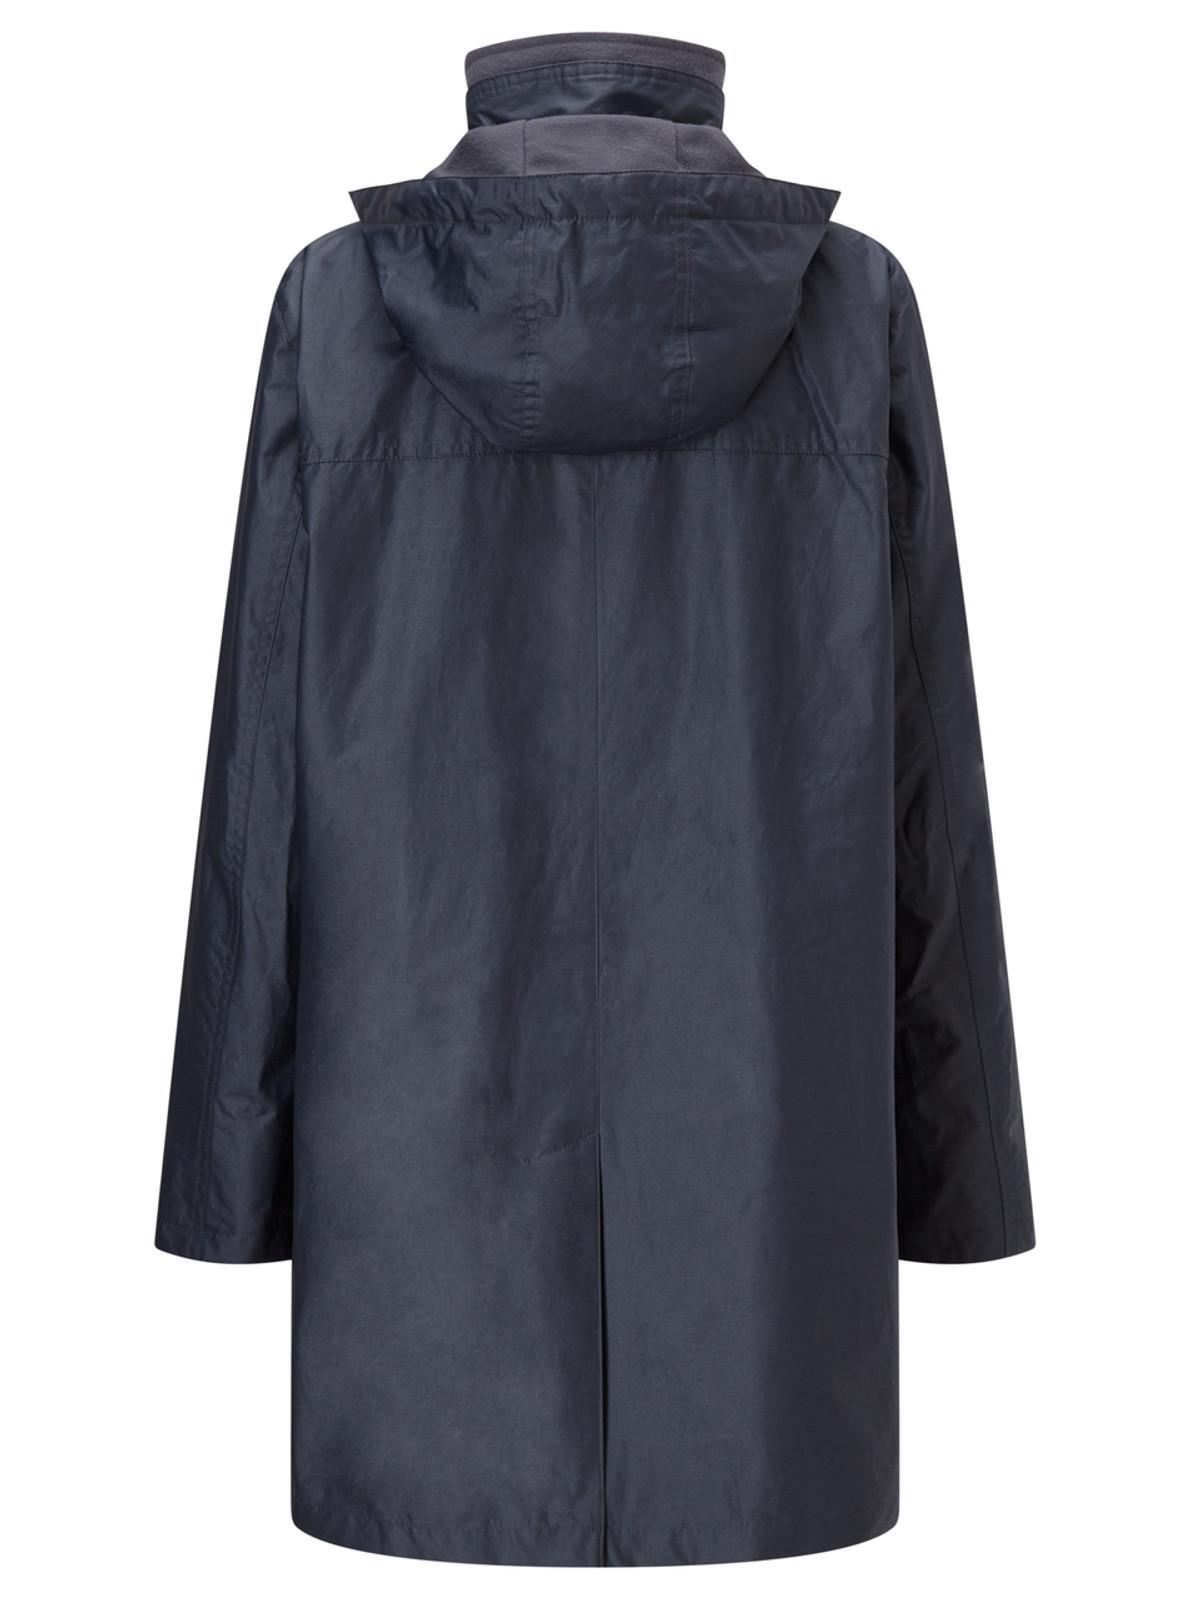 Wax Jacket, Black Tulip